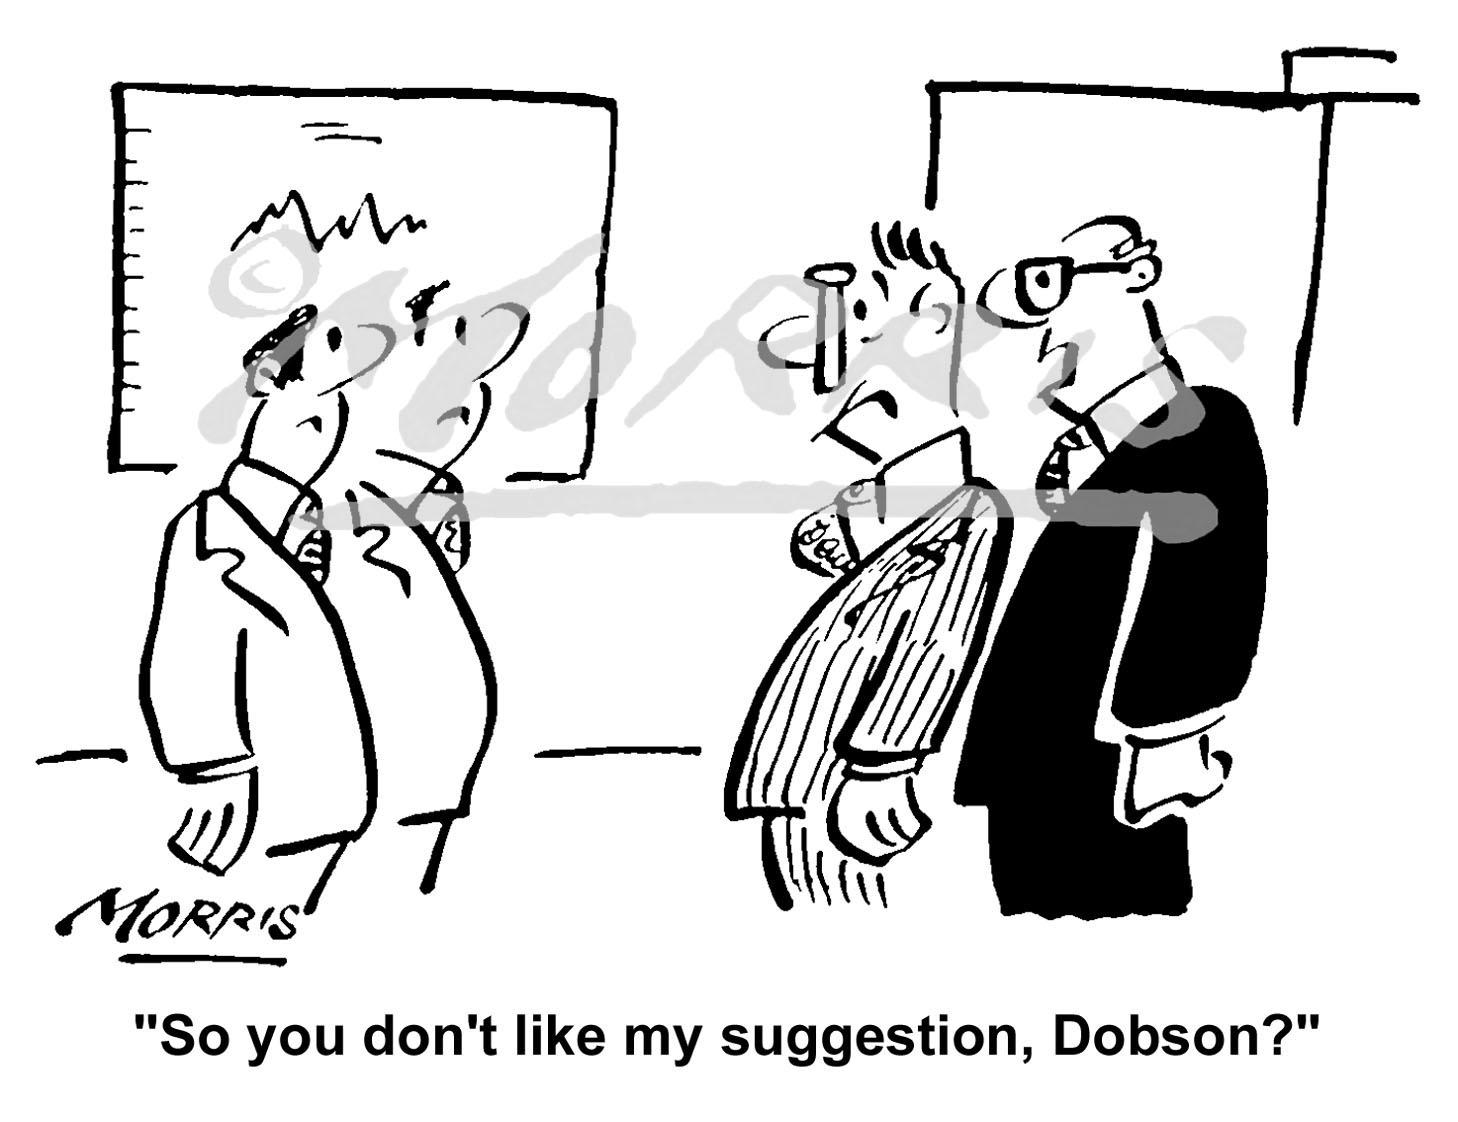 Manager cartoon, boss comic, employee cartoon Ref: 1675bw